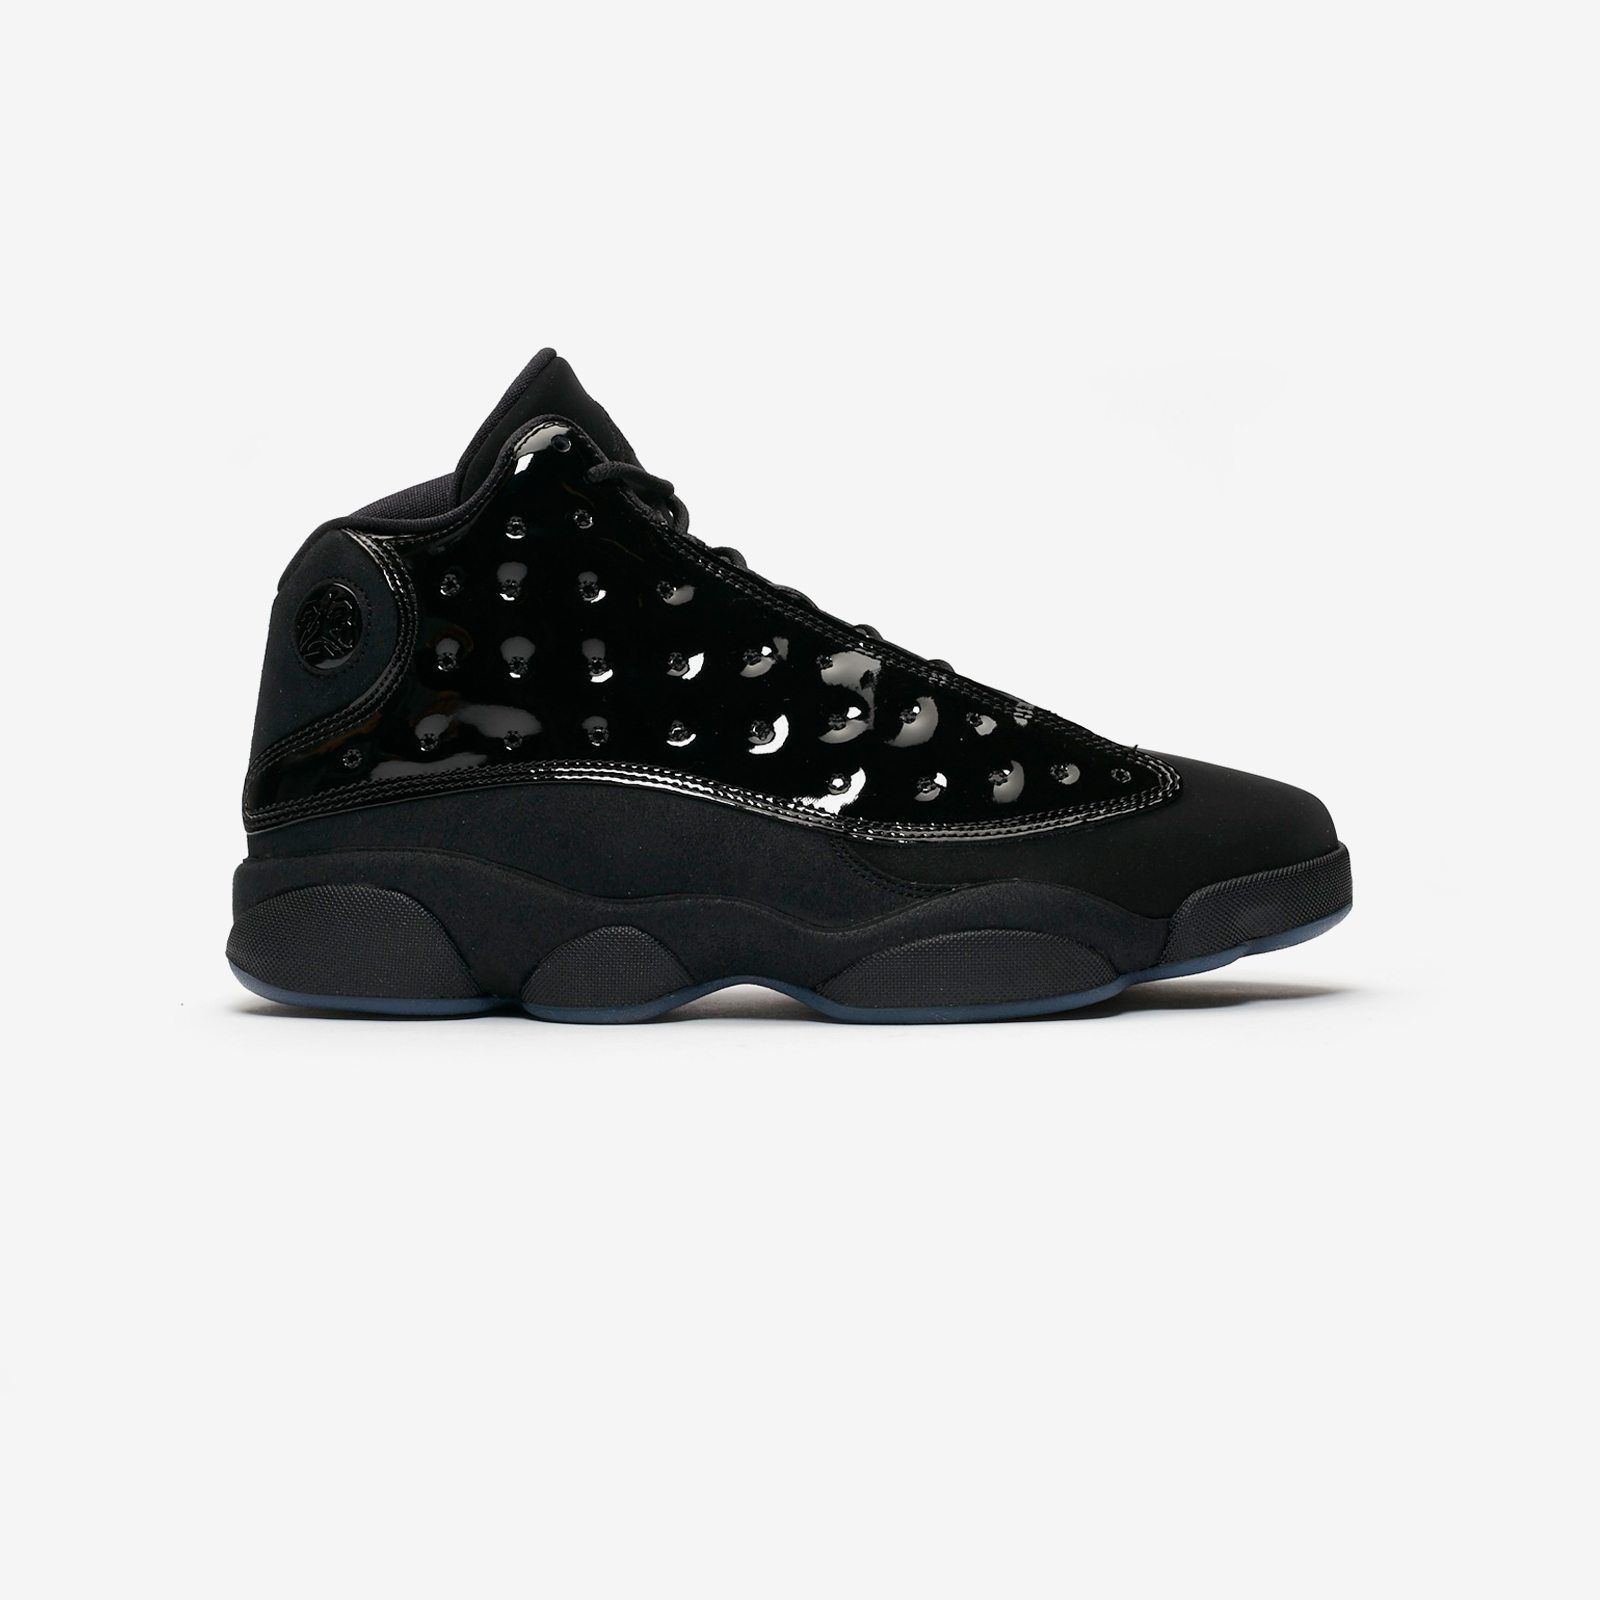 ab7ac26c090504 Jordan Brand Air Jordan 13 Retro - 414571-012 - Sneakersnstuff ...